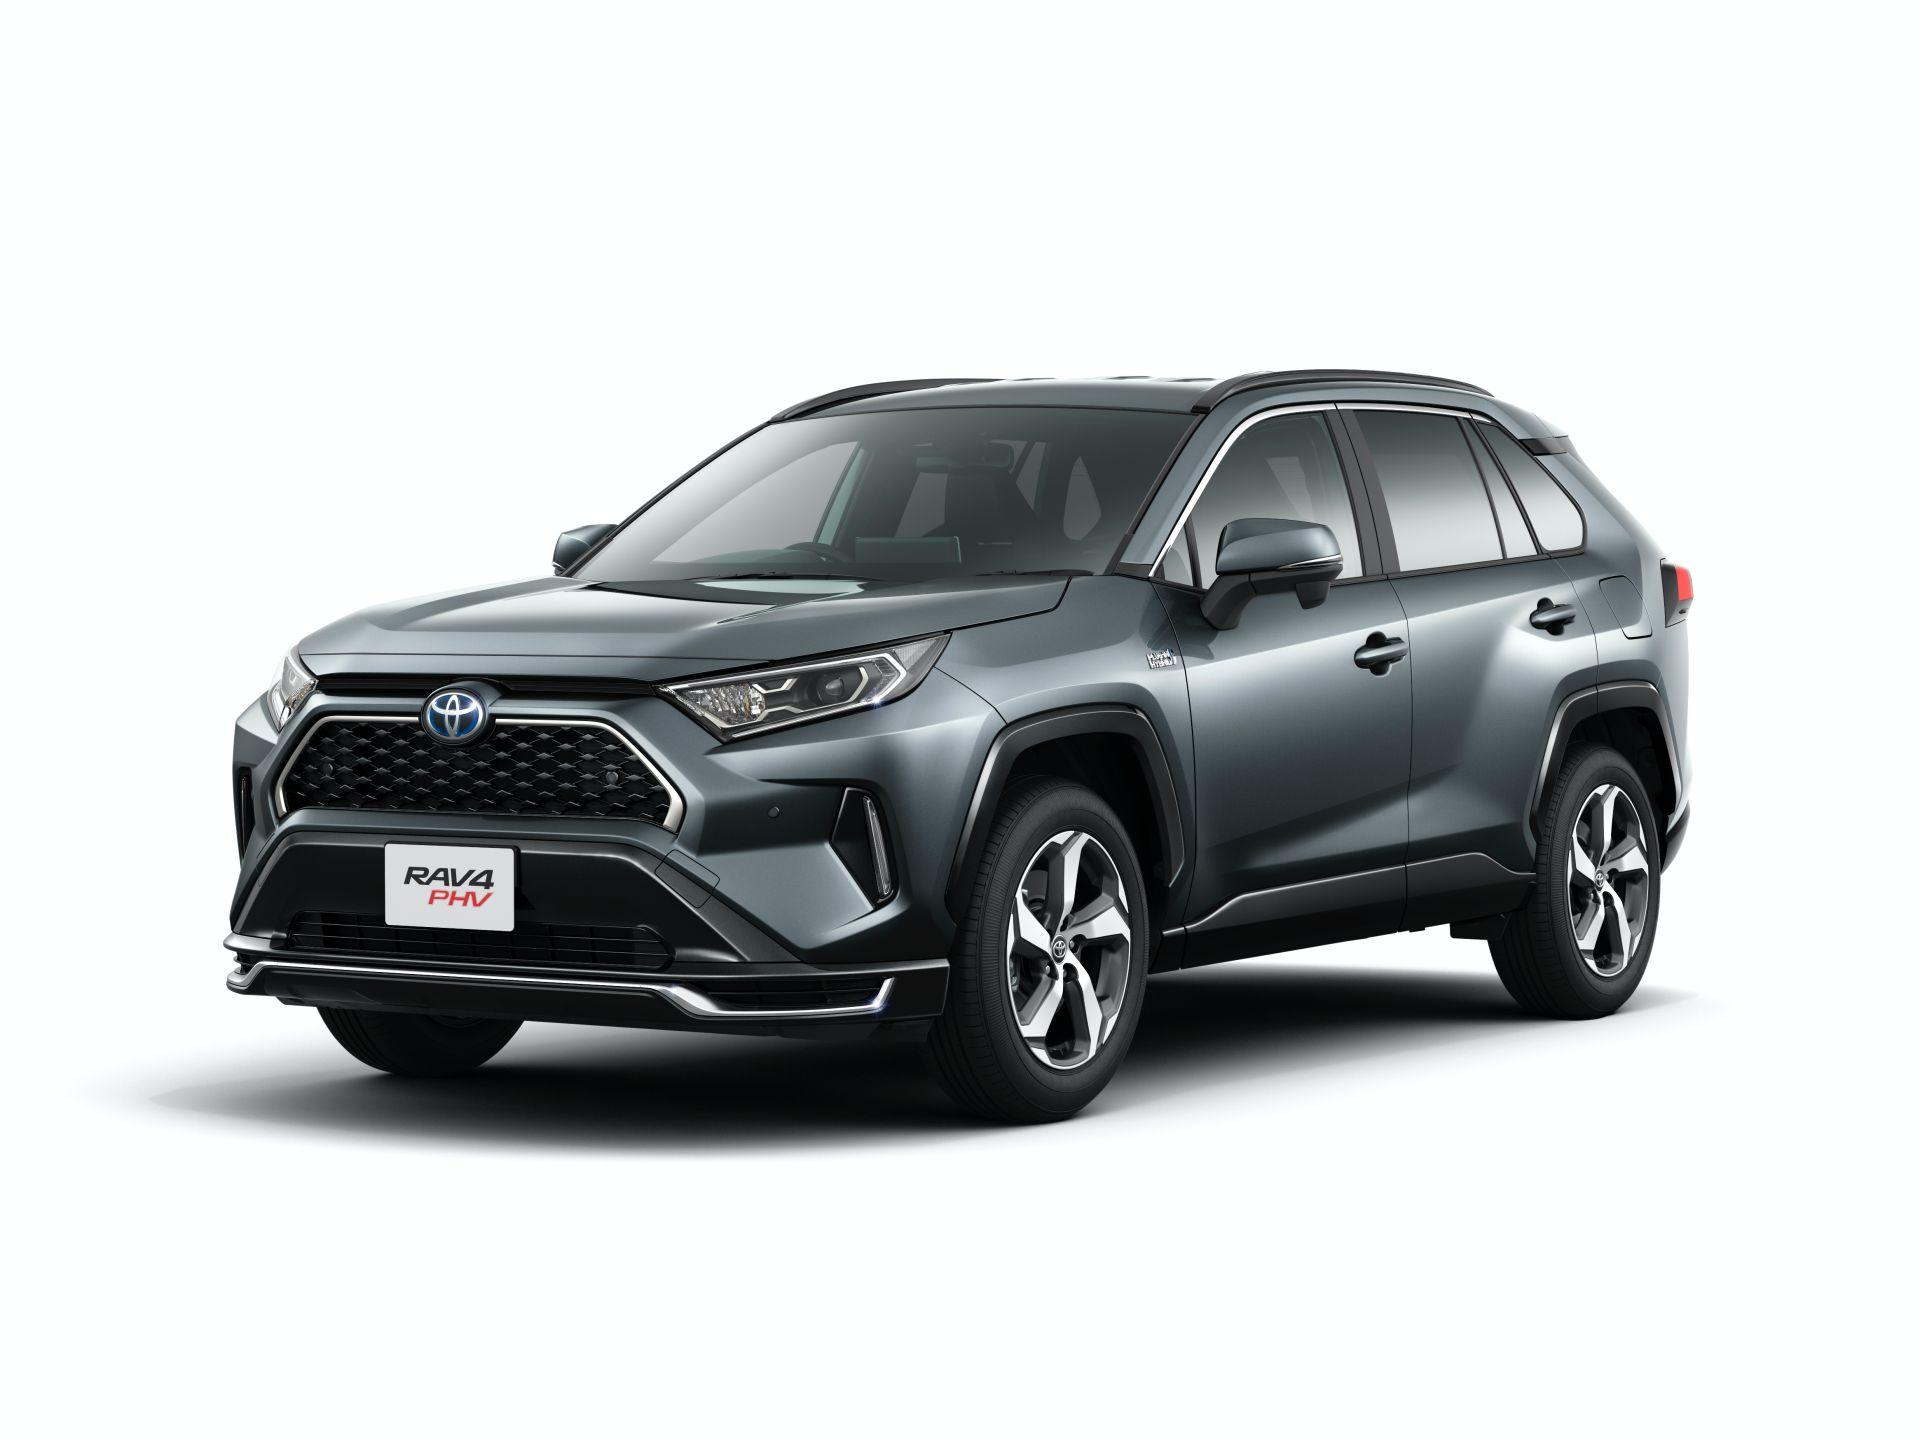 Toyota_RAV4_PHV_JDM_0031